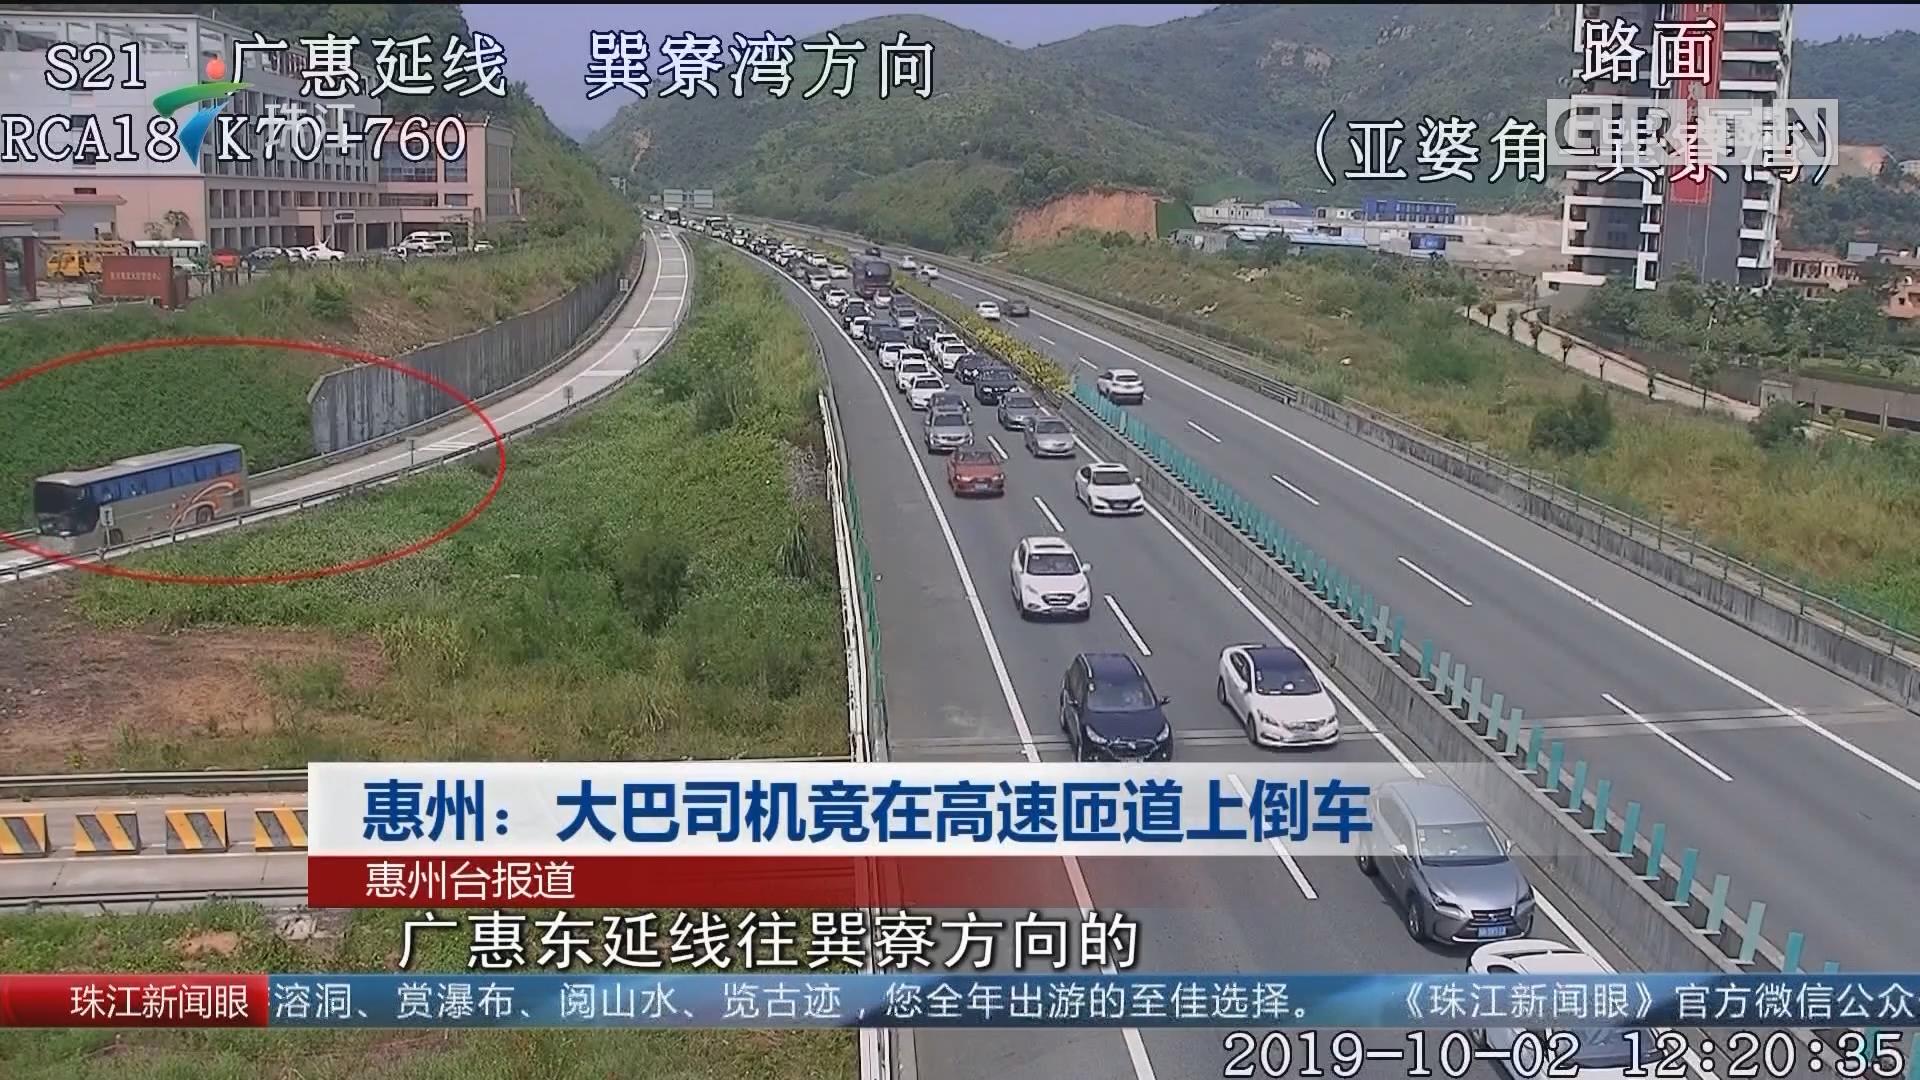 惠州:大巴司机竟在高速匝道上倒车